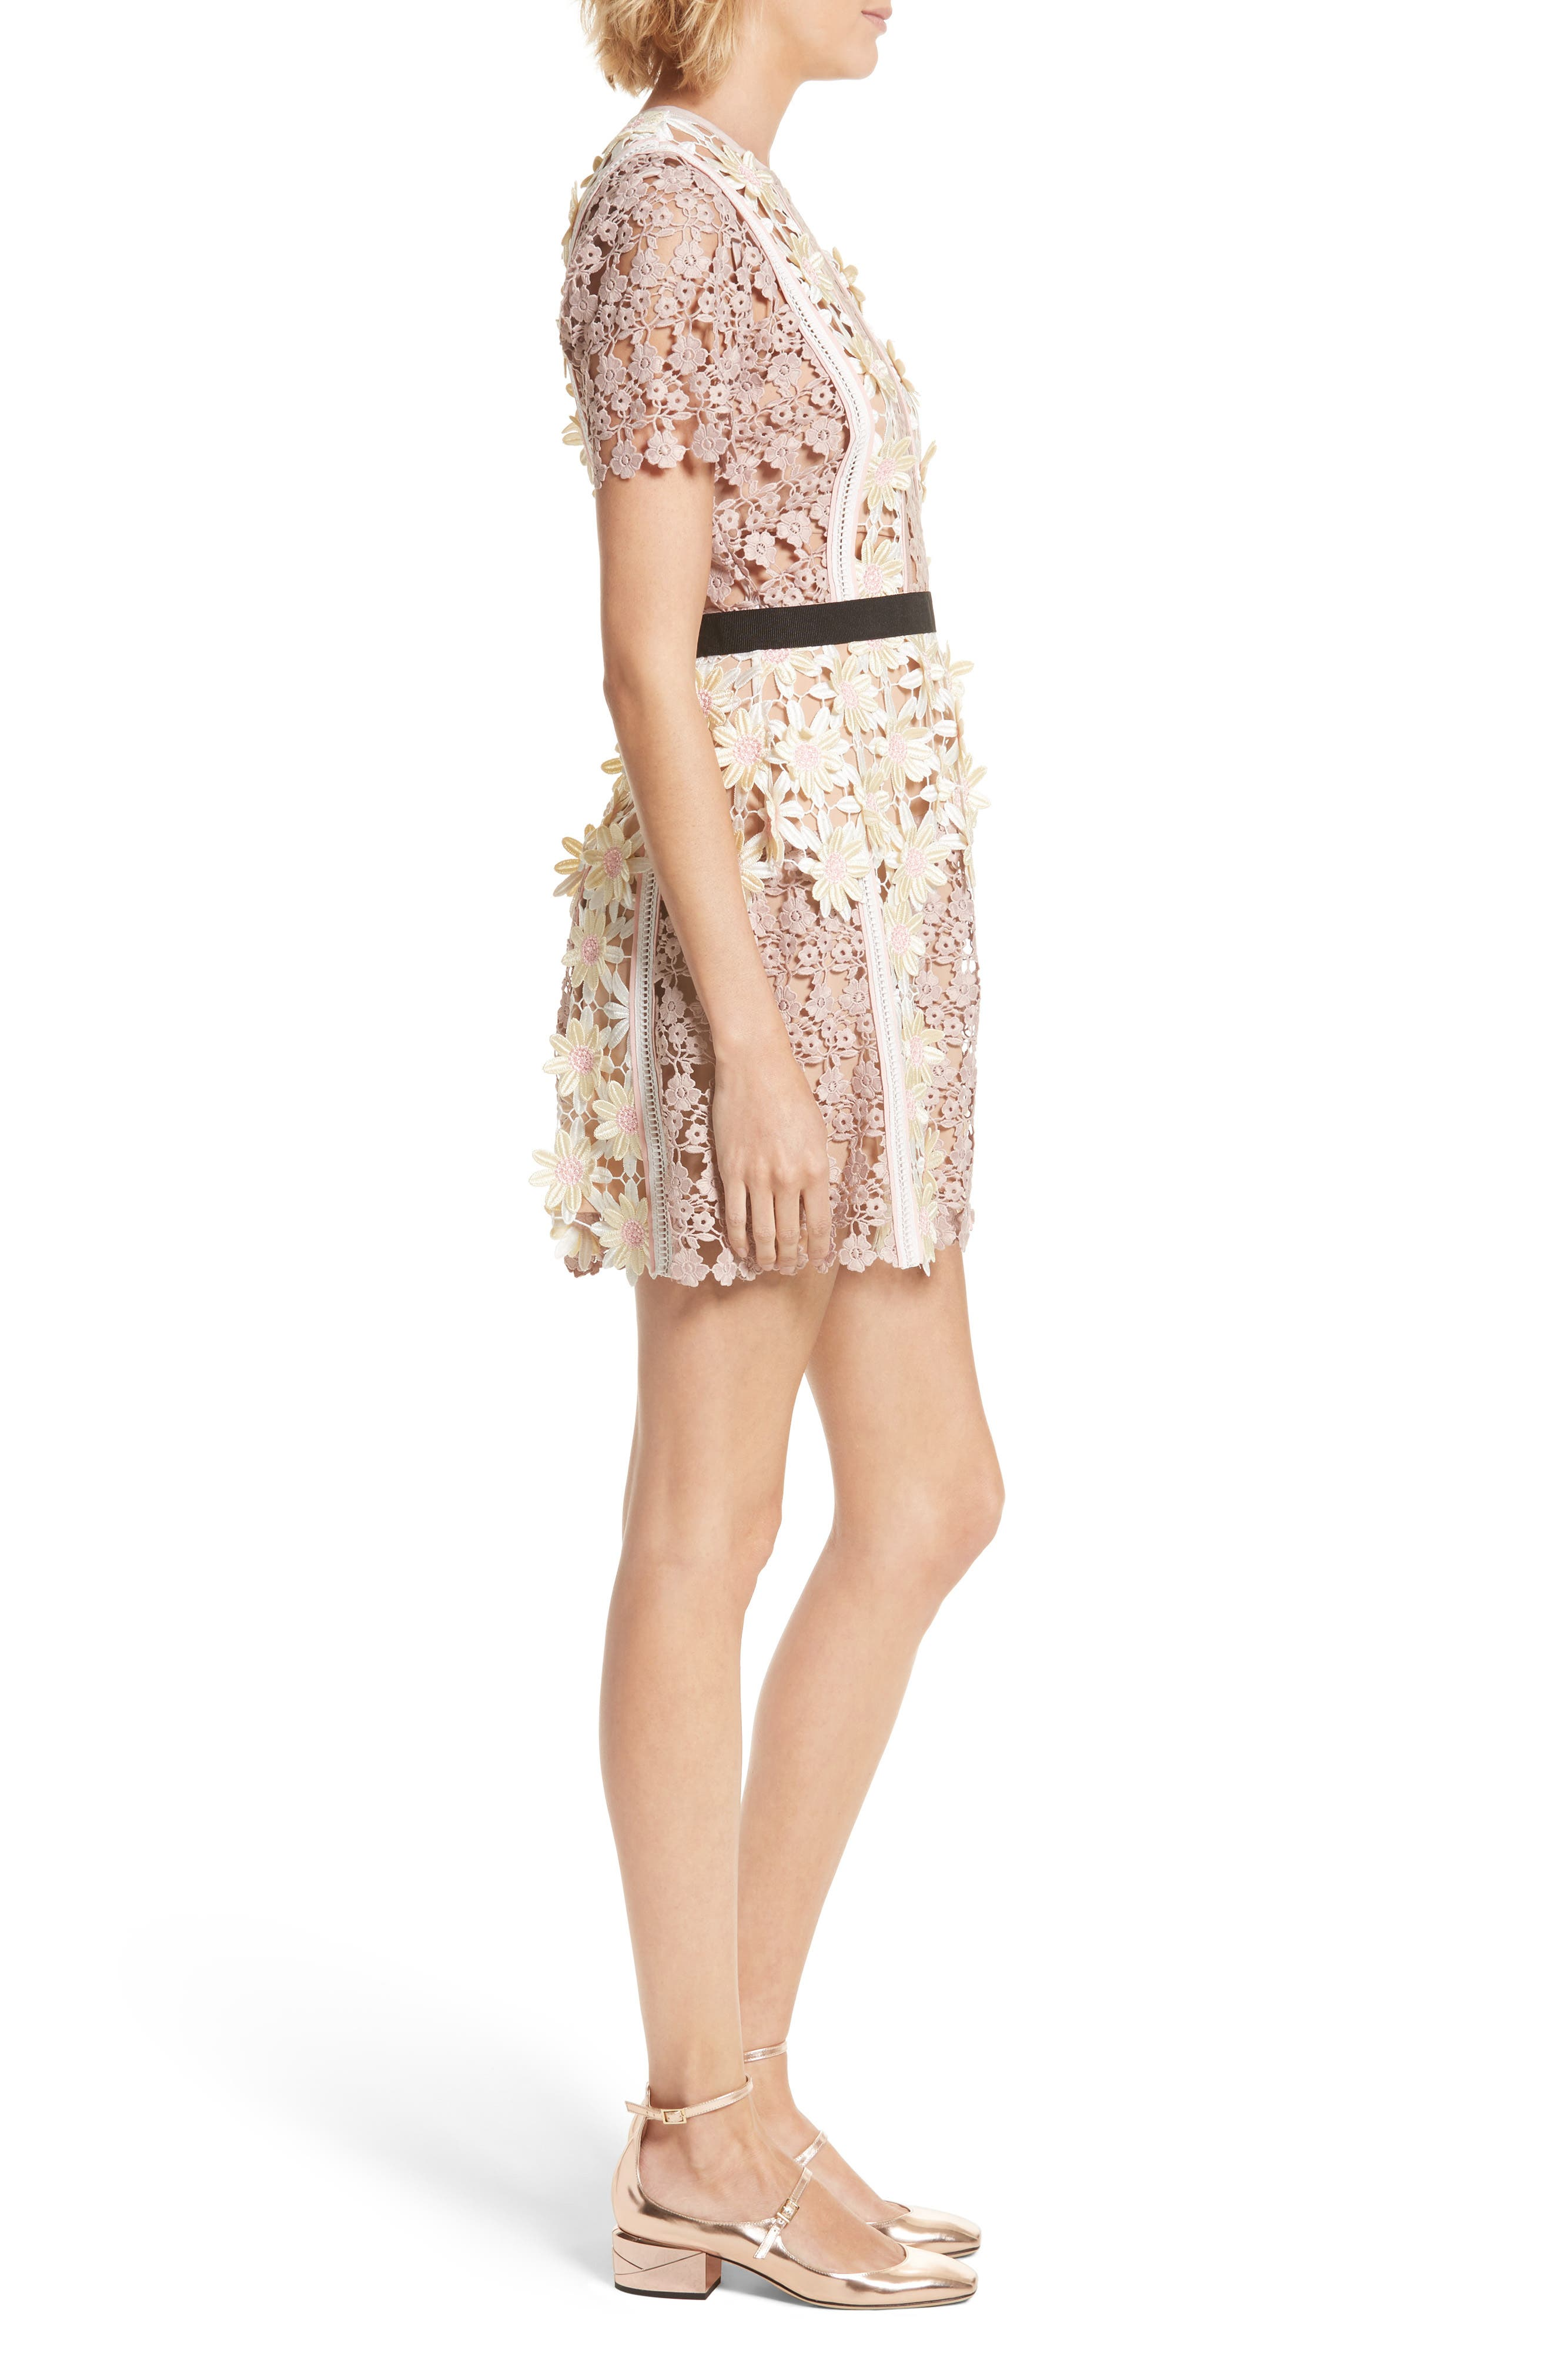 3D Floral Lace Peplum Dress,                             Alternate thumbnail 3, color,                             Multi